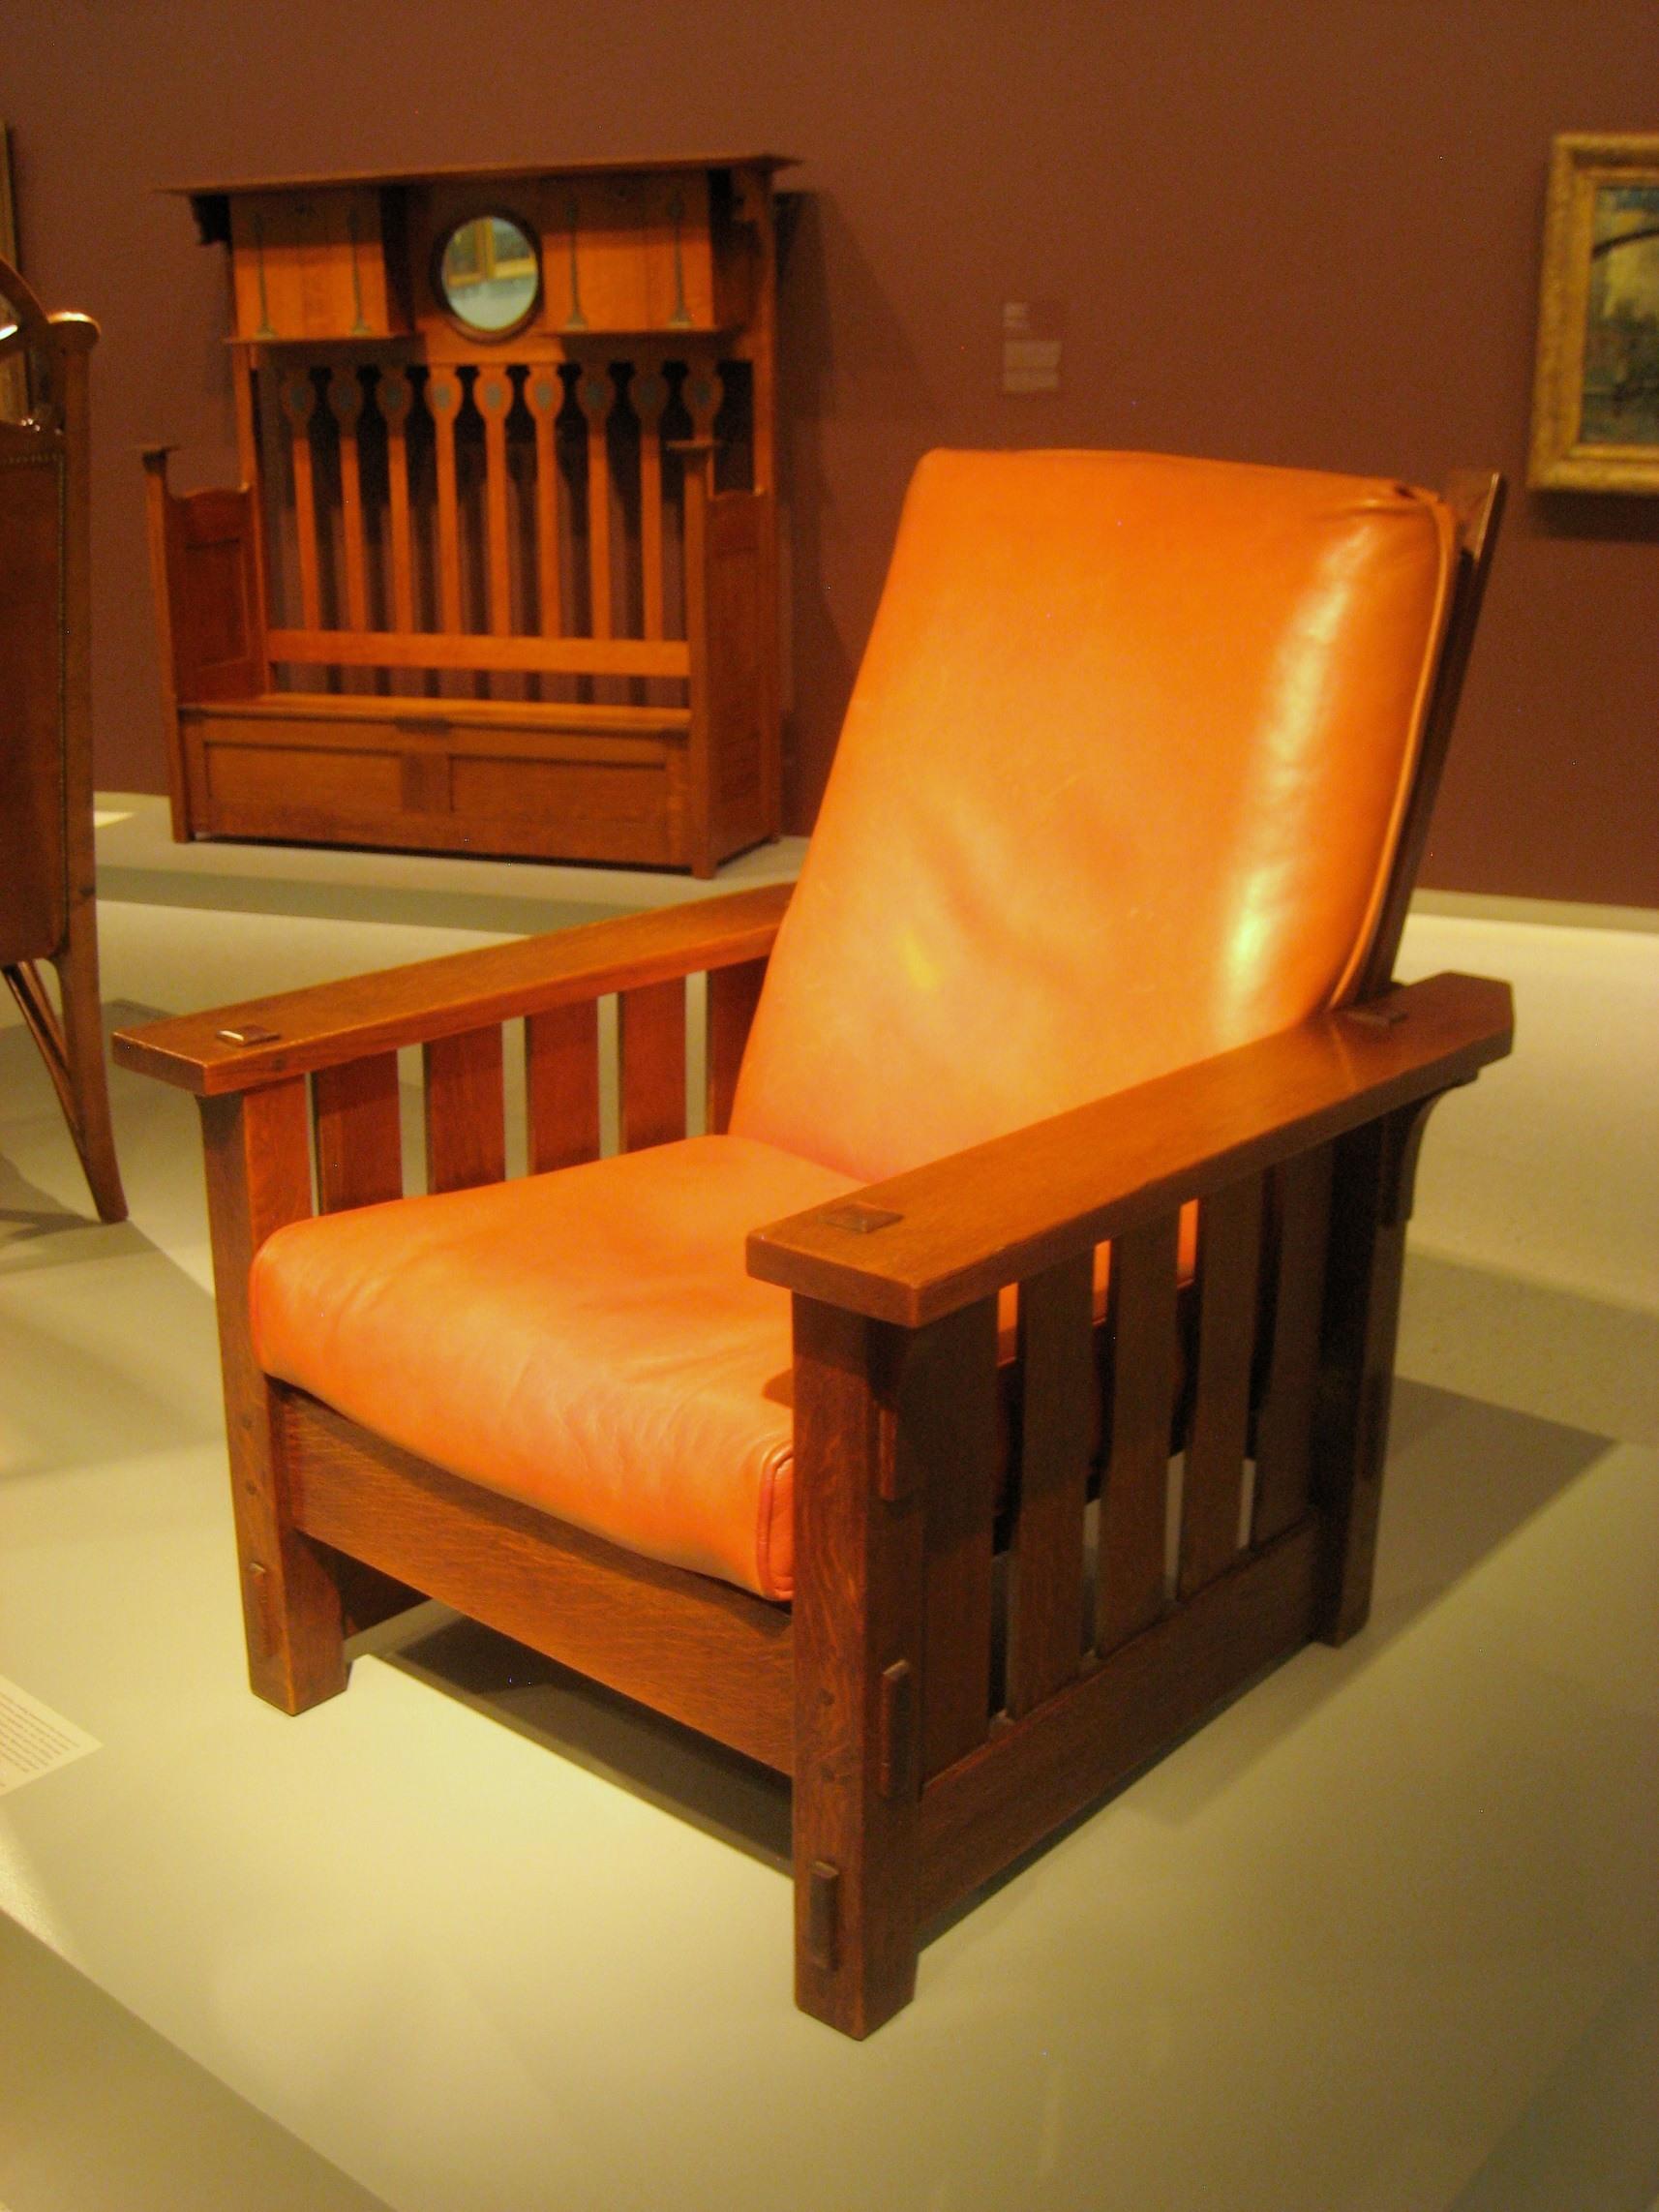 Gustav Stickley craftsman chair